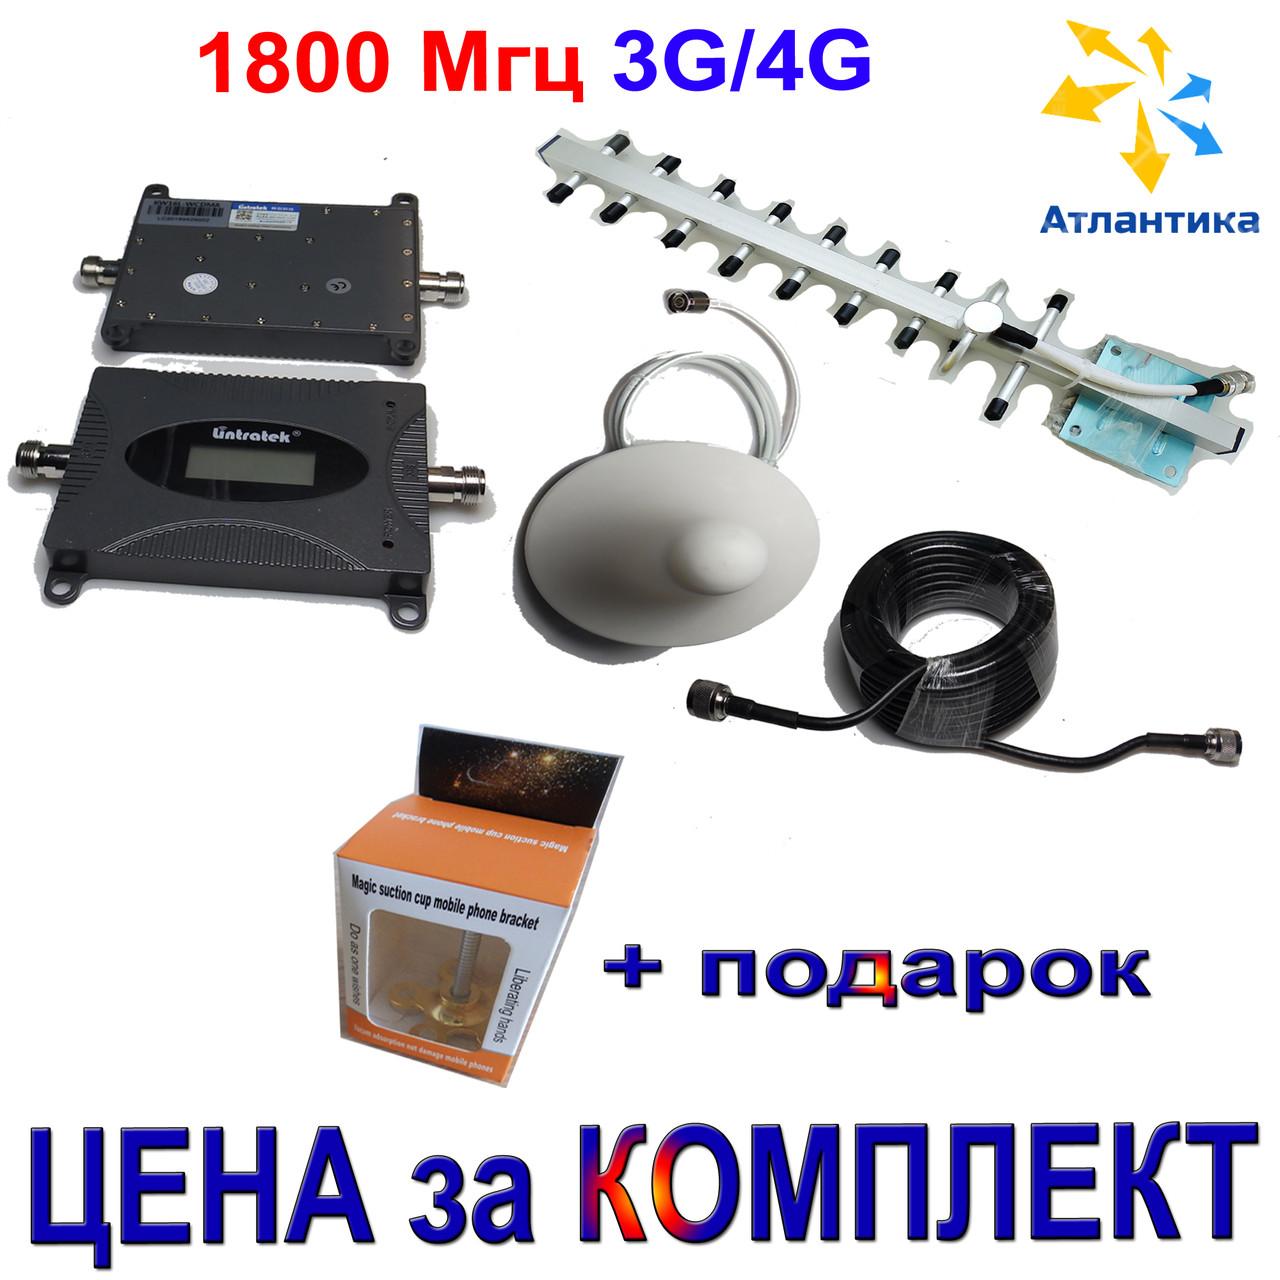 Усилитель GSM репитер 1800MHz сигнала связи для телефона, сети 4g, сотового интернет модема